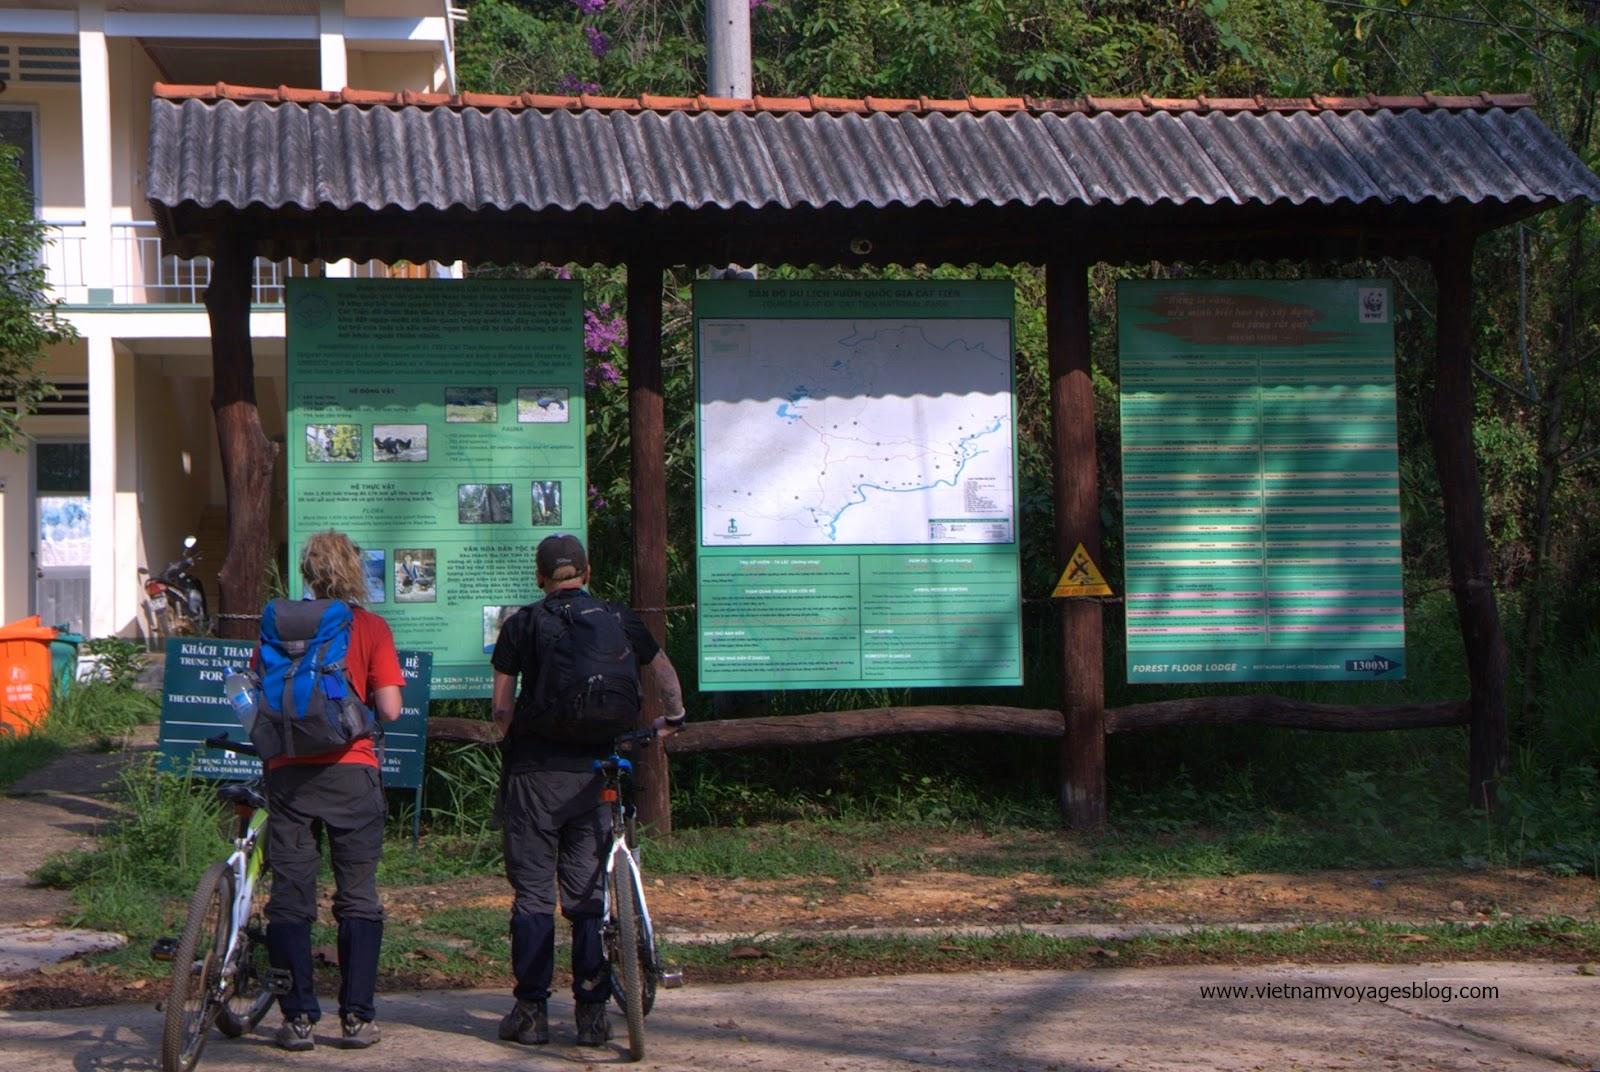 Du khách đang xem bảng chỉ đường trong khu du lịch Vườn Quốc Gia Nam Cát Tiên